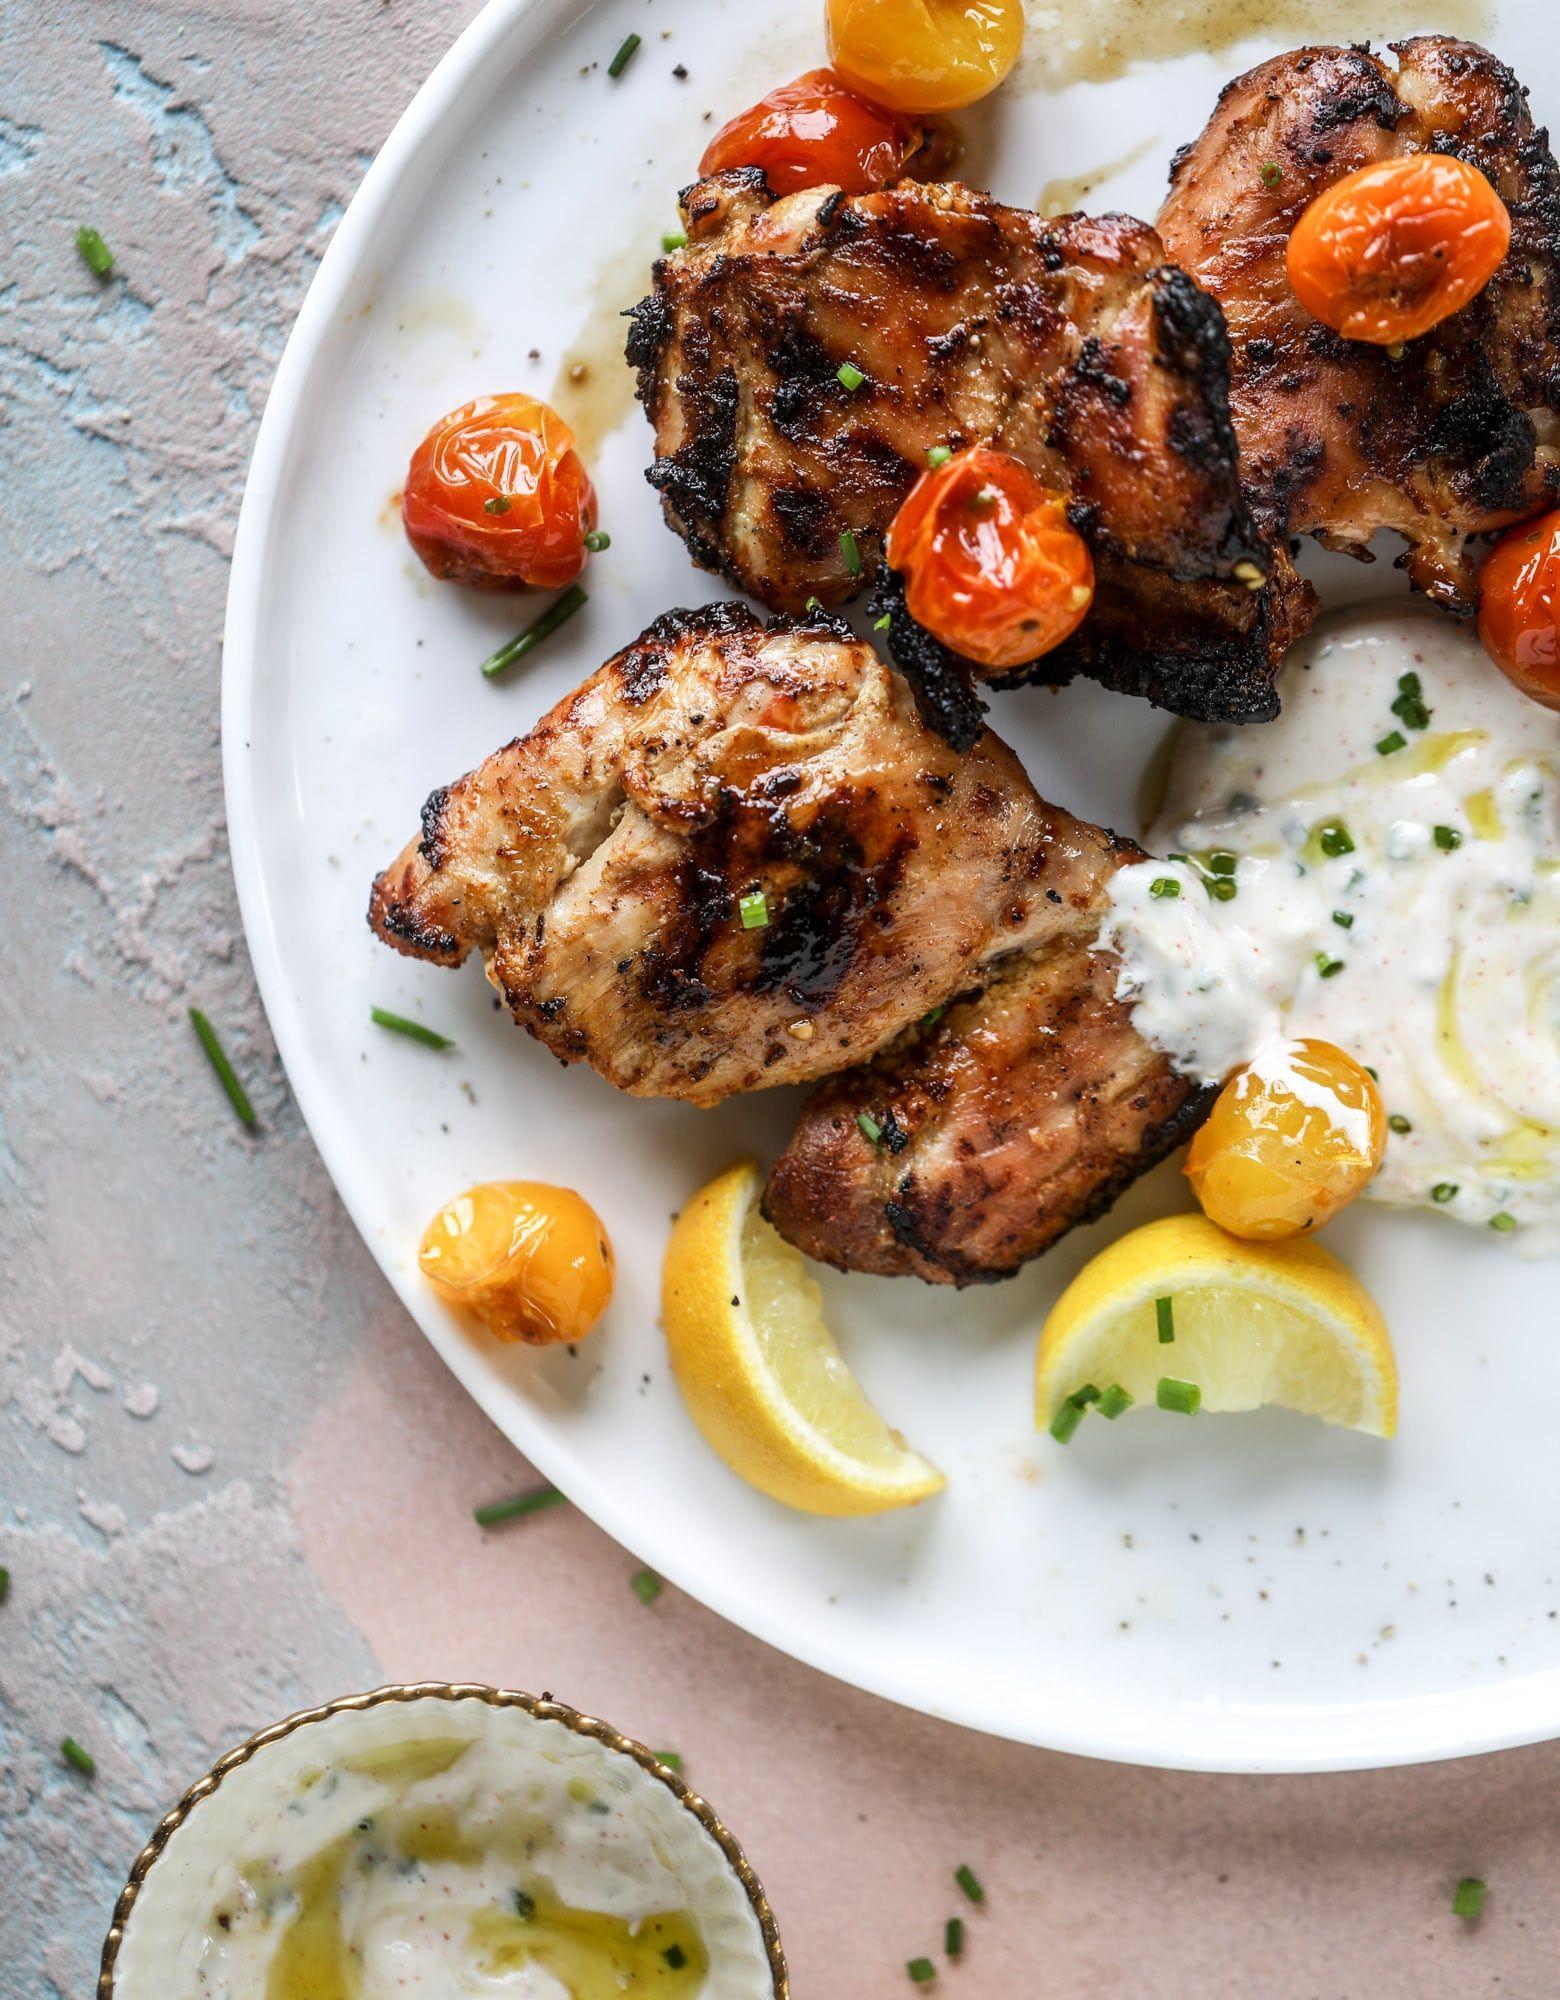 Yogurt Marinated Chicken Yogurt And Lemon Grilled Chicken Recipe Recipe Yogurt Marinated Chicken Grilled Chicken Recipes Marinated Grilled Chicken